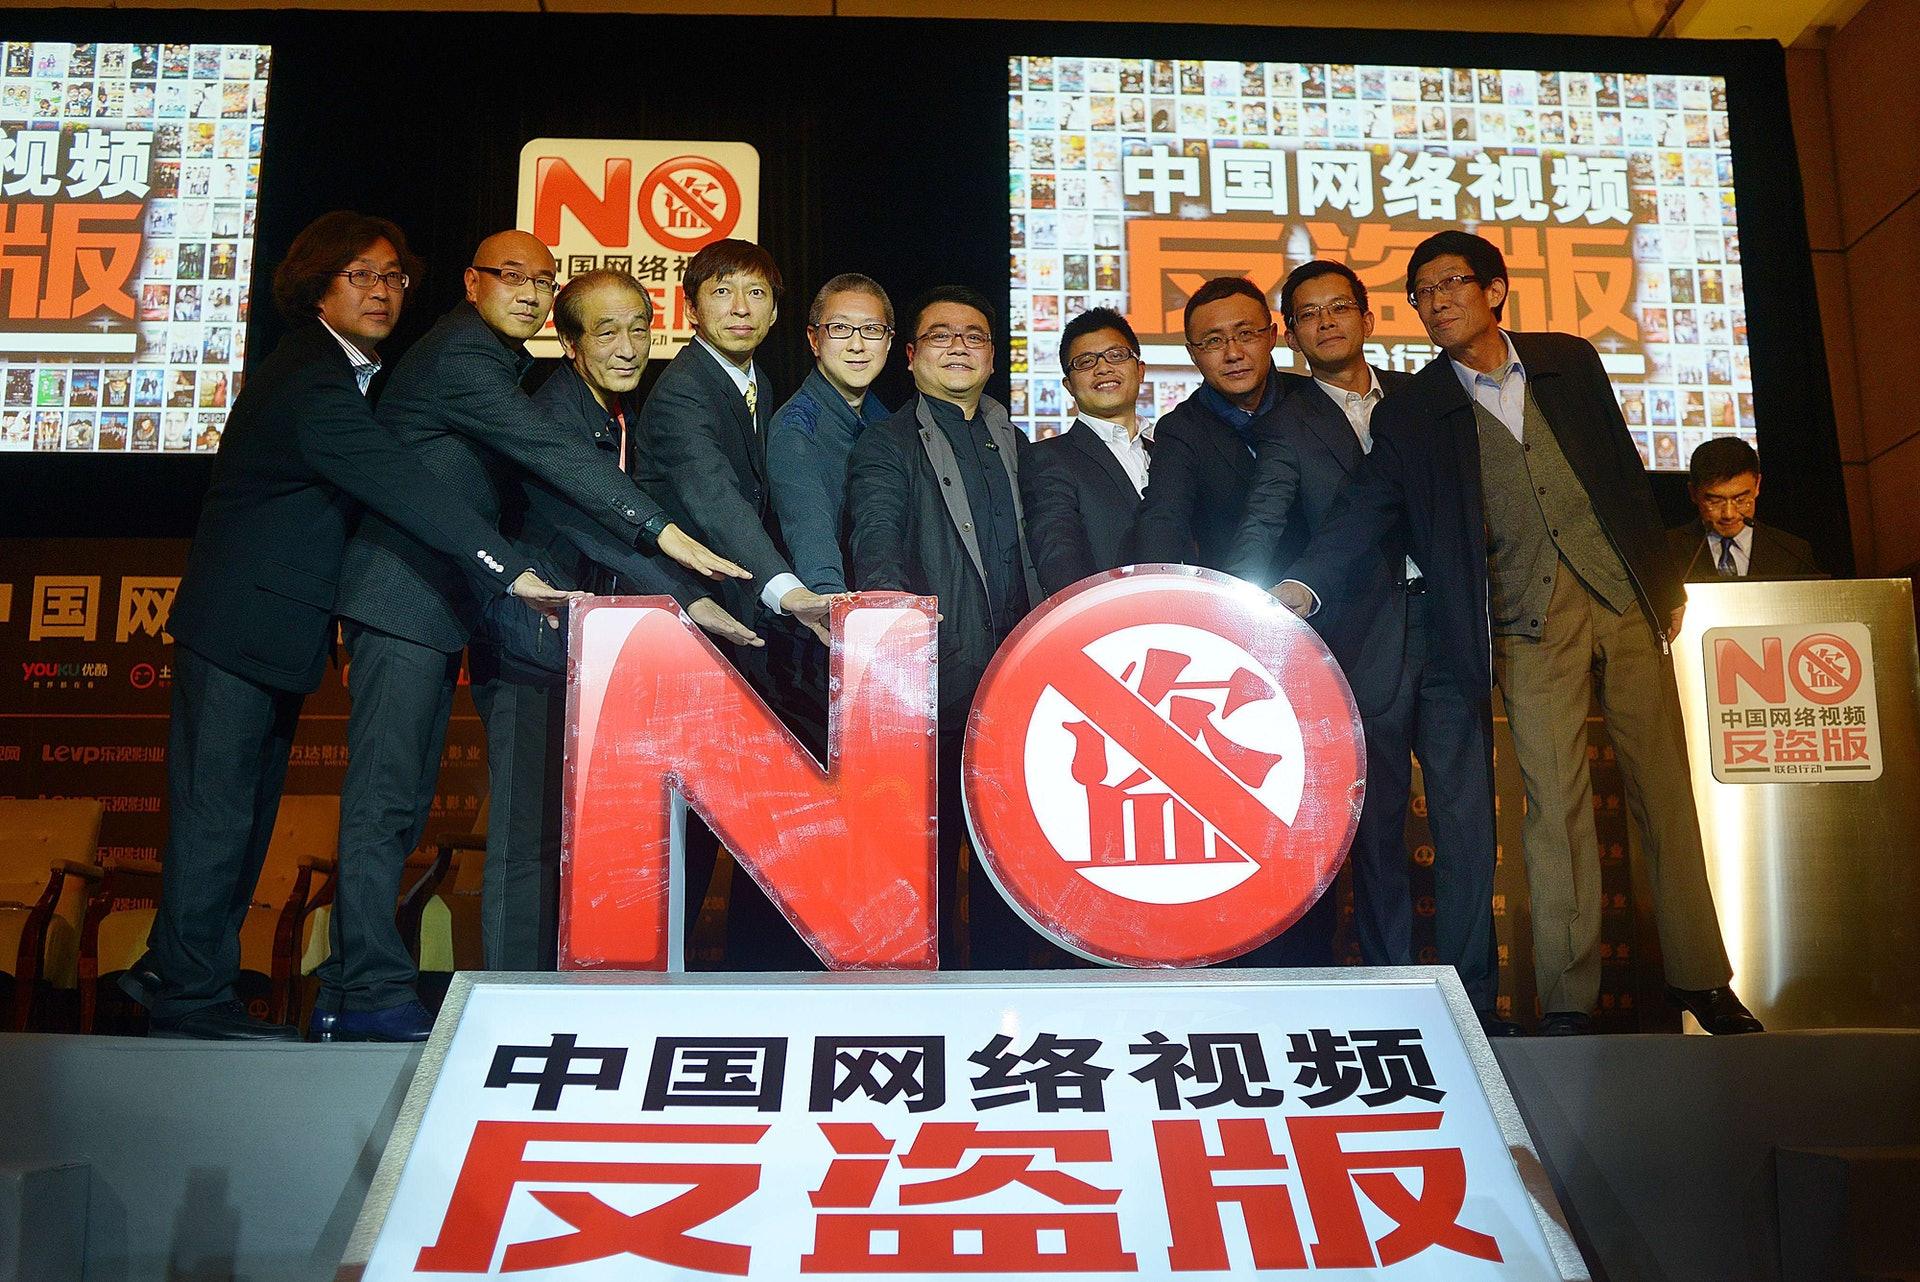 2013年11月13日,中國網絡視頻反盜版聯合行動在北京啟動。(資料圖片/VCG)